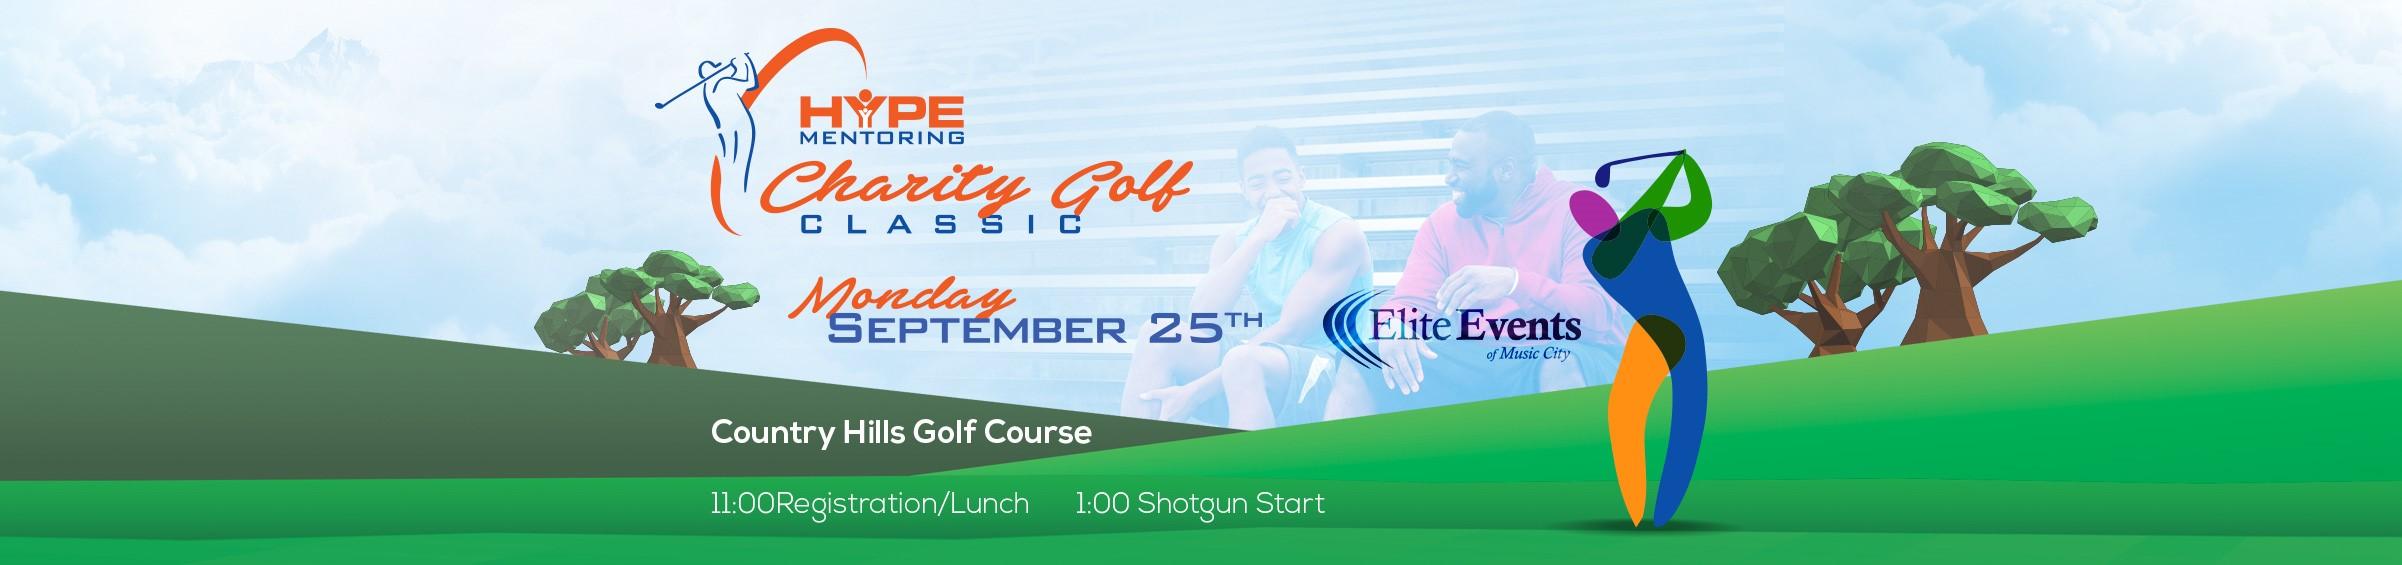 Golf-Website-Image